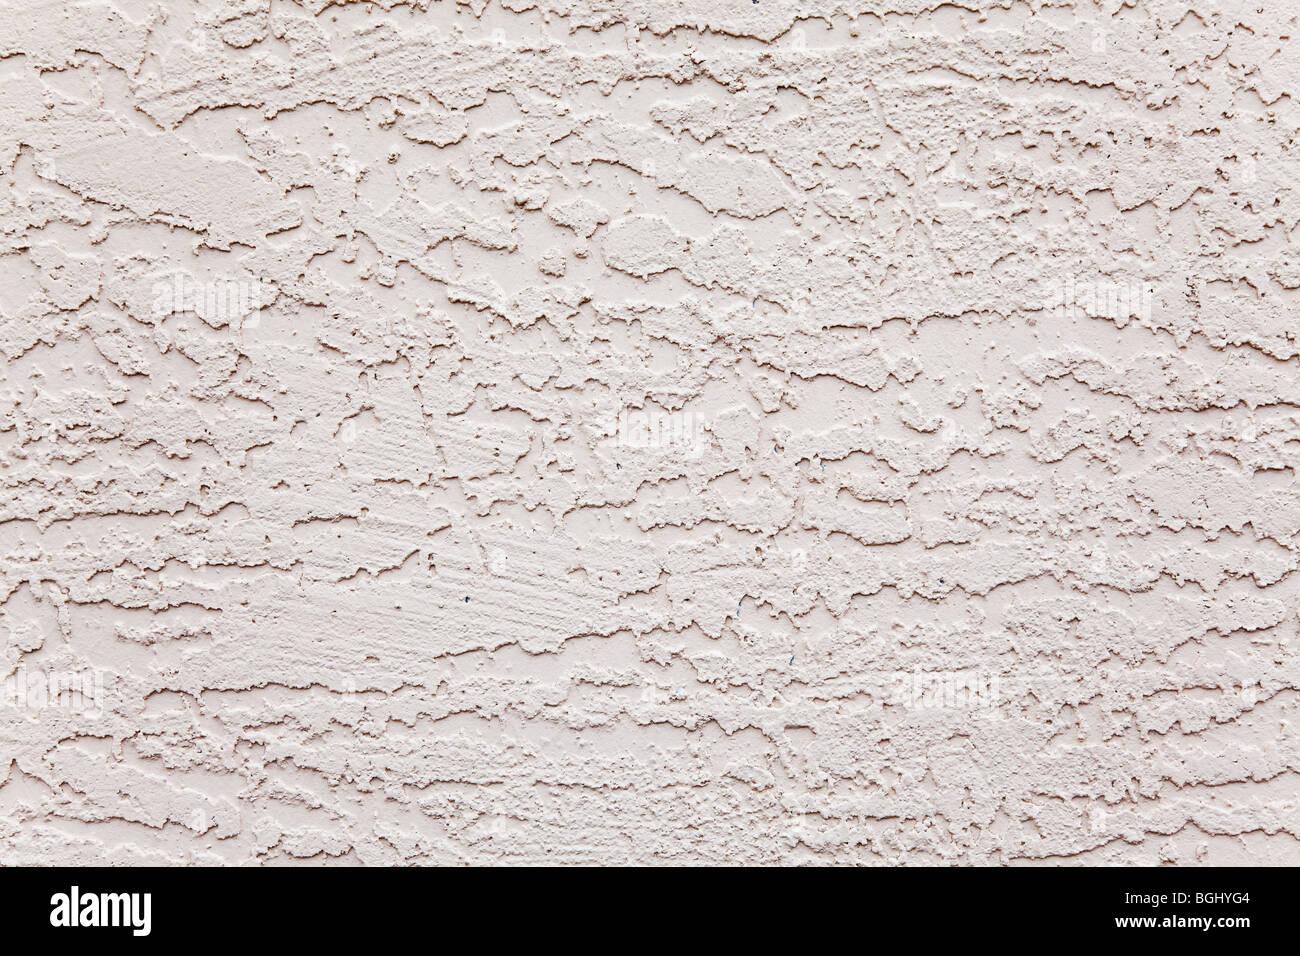 Mur extérieur en stuc blanc motif rugueux Photo Stock